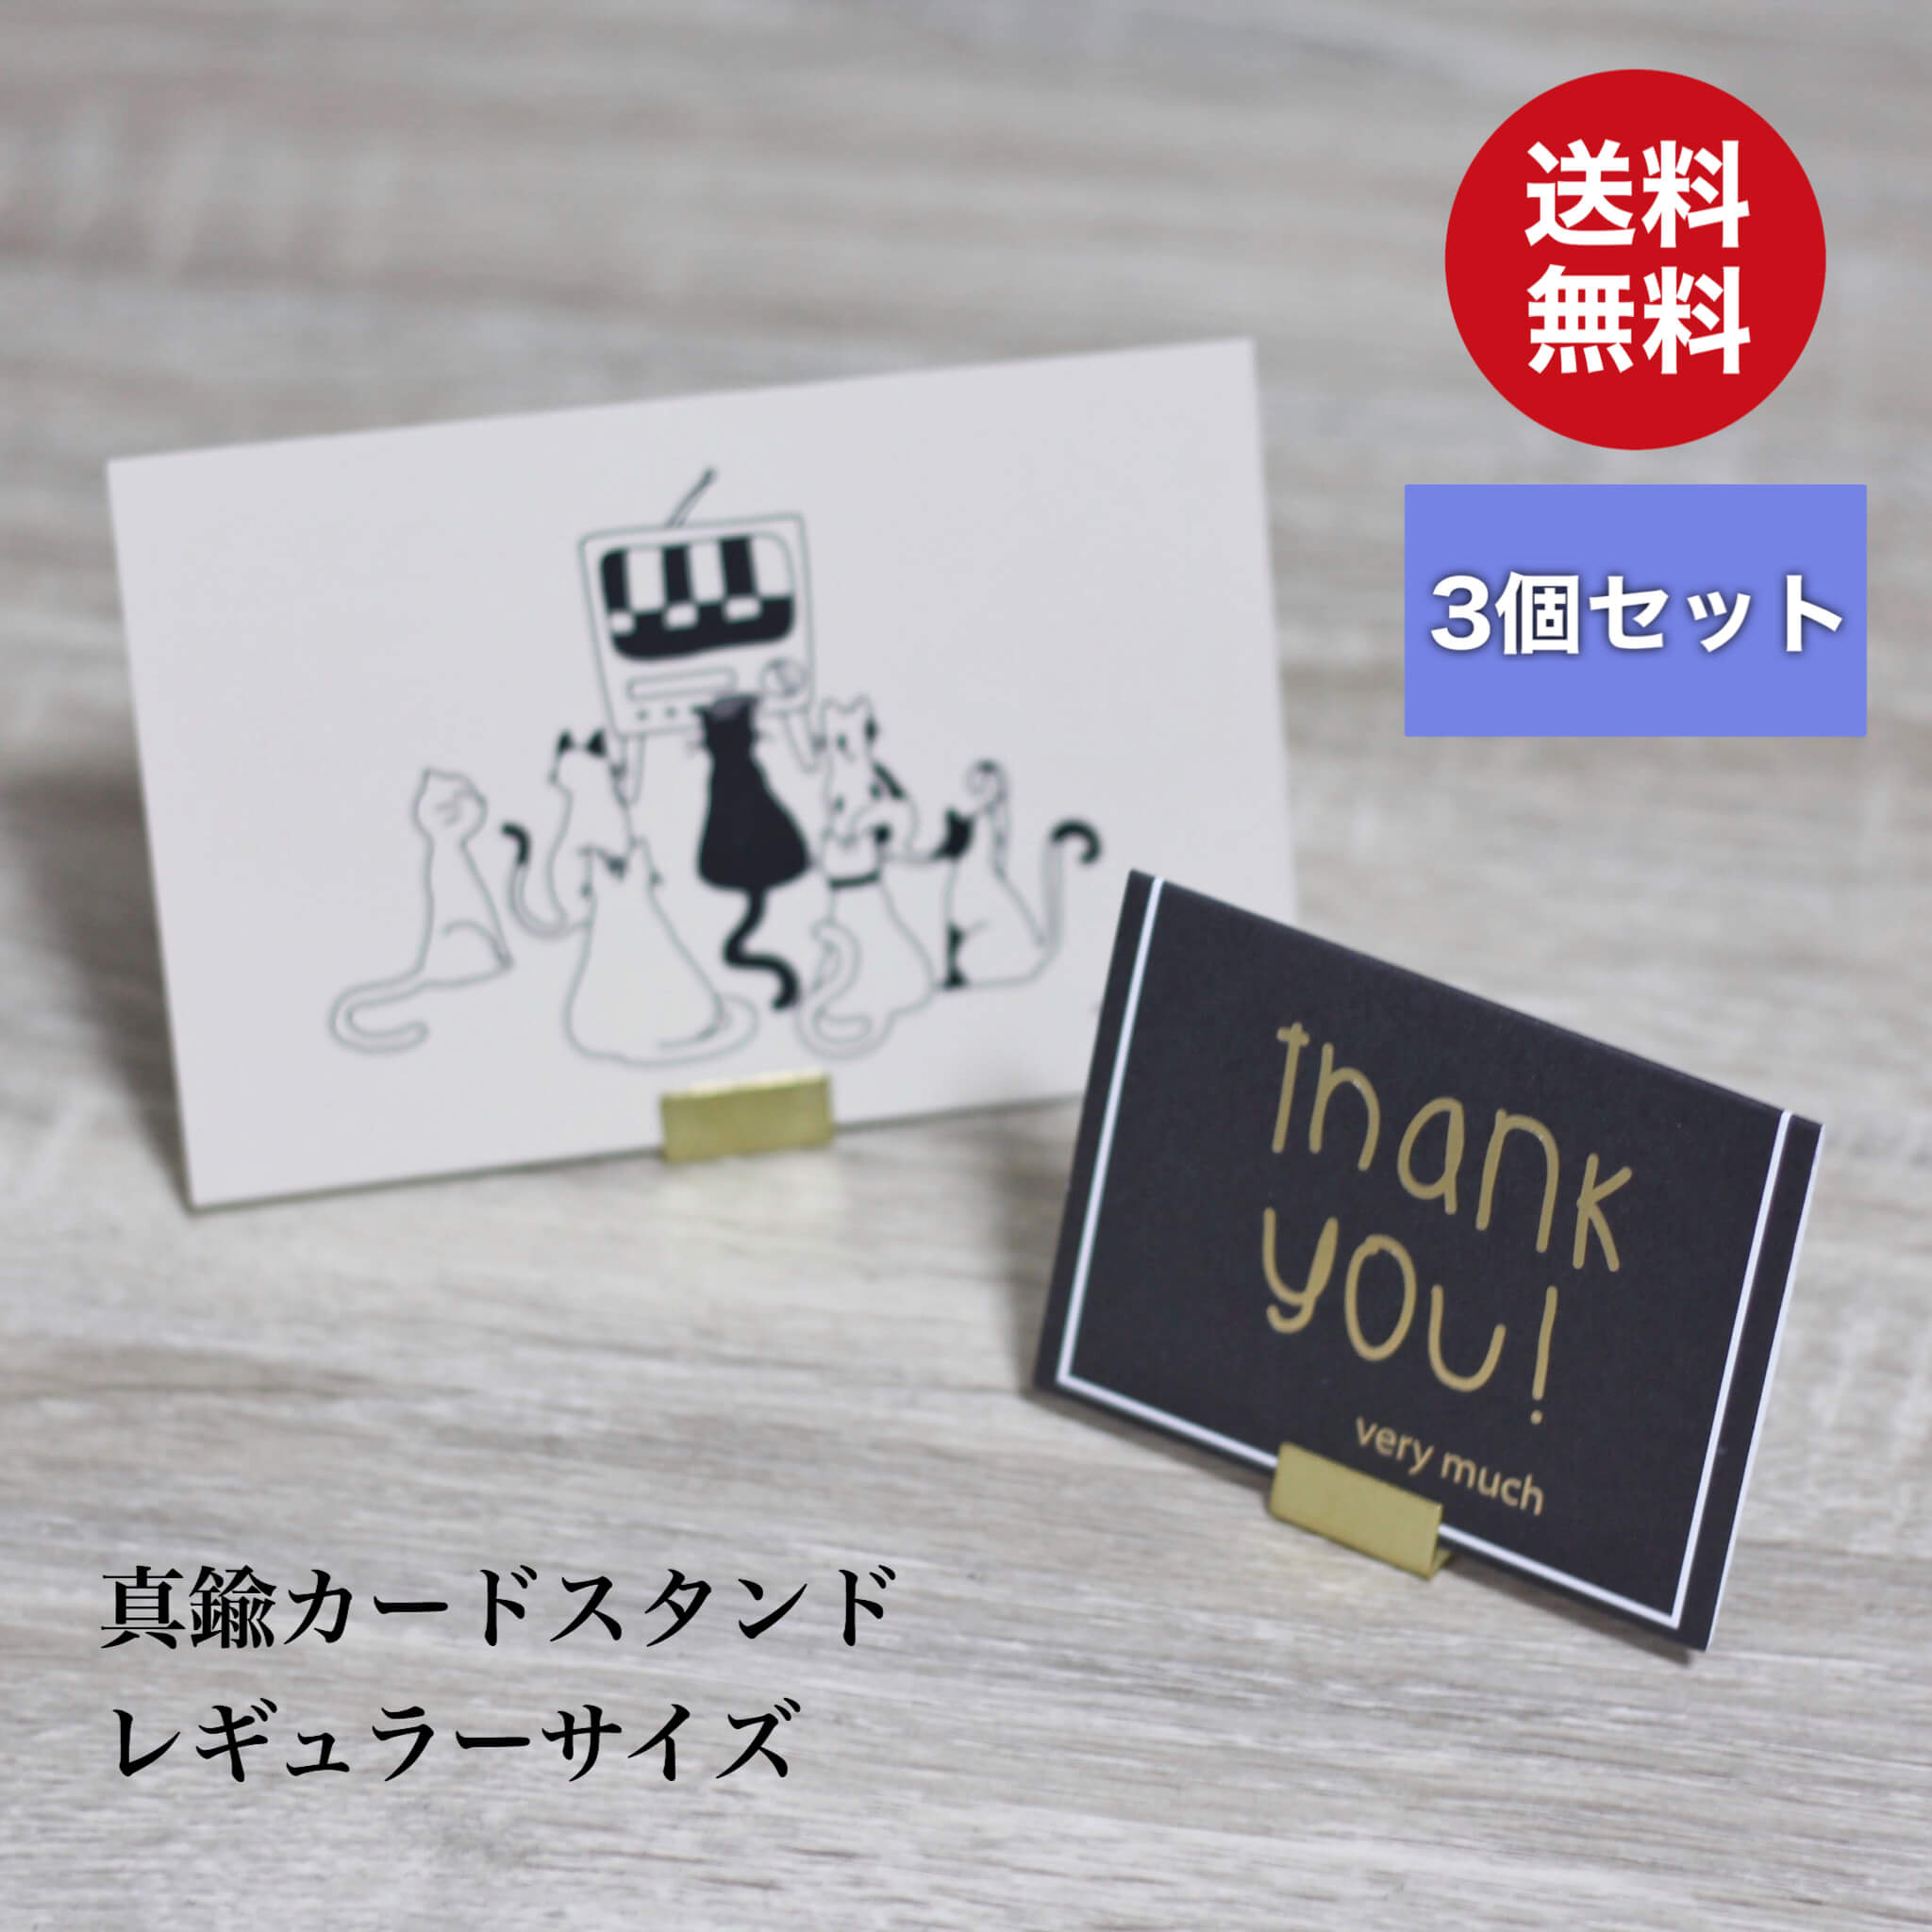 真鍮製 ブラス カード立て 店舗にもおすすめ 真鍮 カードスタンド レギュラー 3個入り いつでも送料無料 カードホルダー プライスカード おしゃれ かわいい ディスプレイ メモ 値札 POP 立て ポップ 送料無料 ポストカード 名刺 日本製 数量限定アウトレット最安価格 アンティーク調